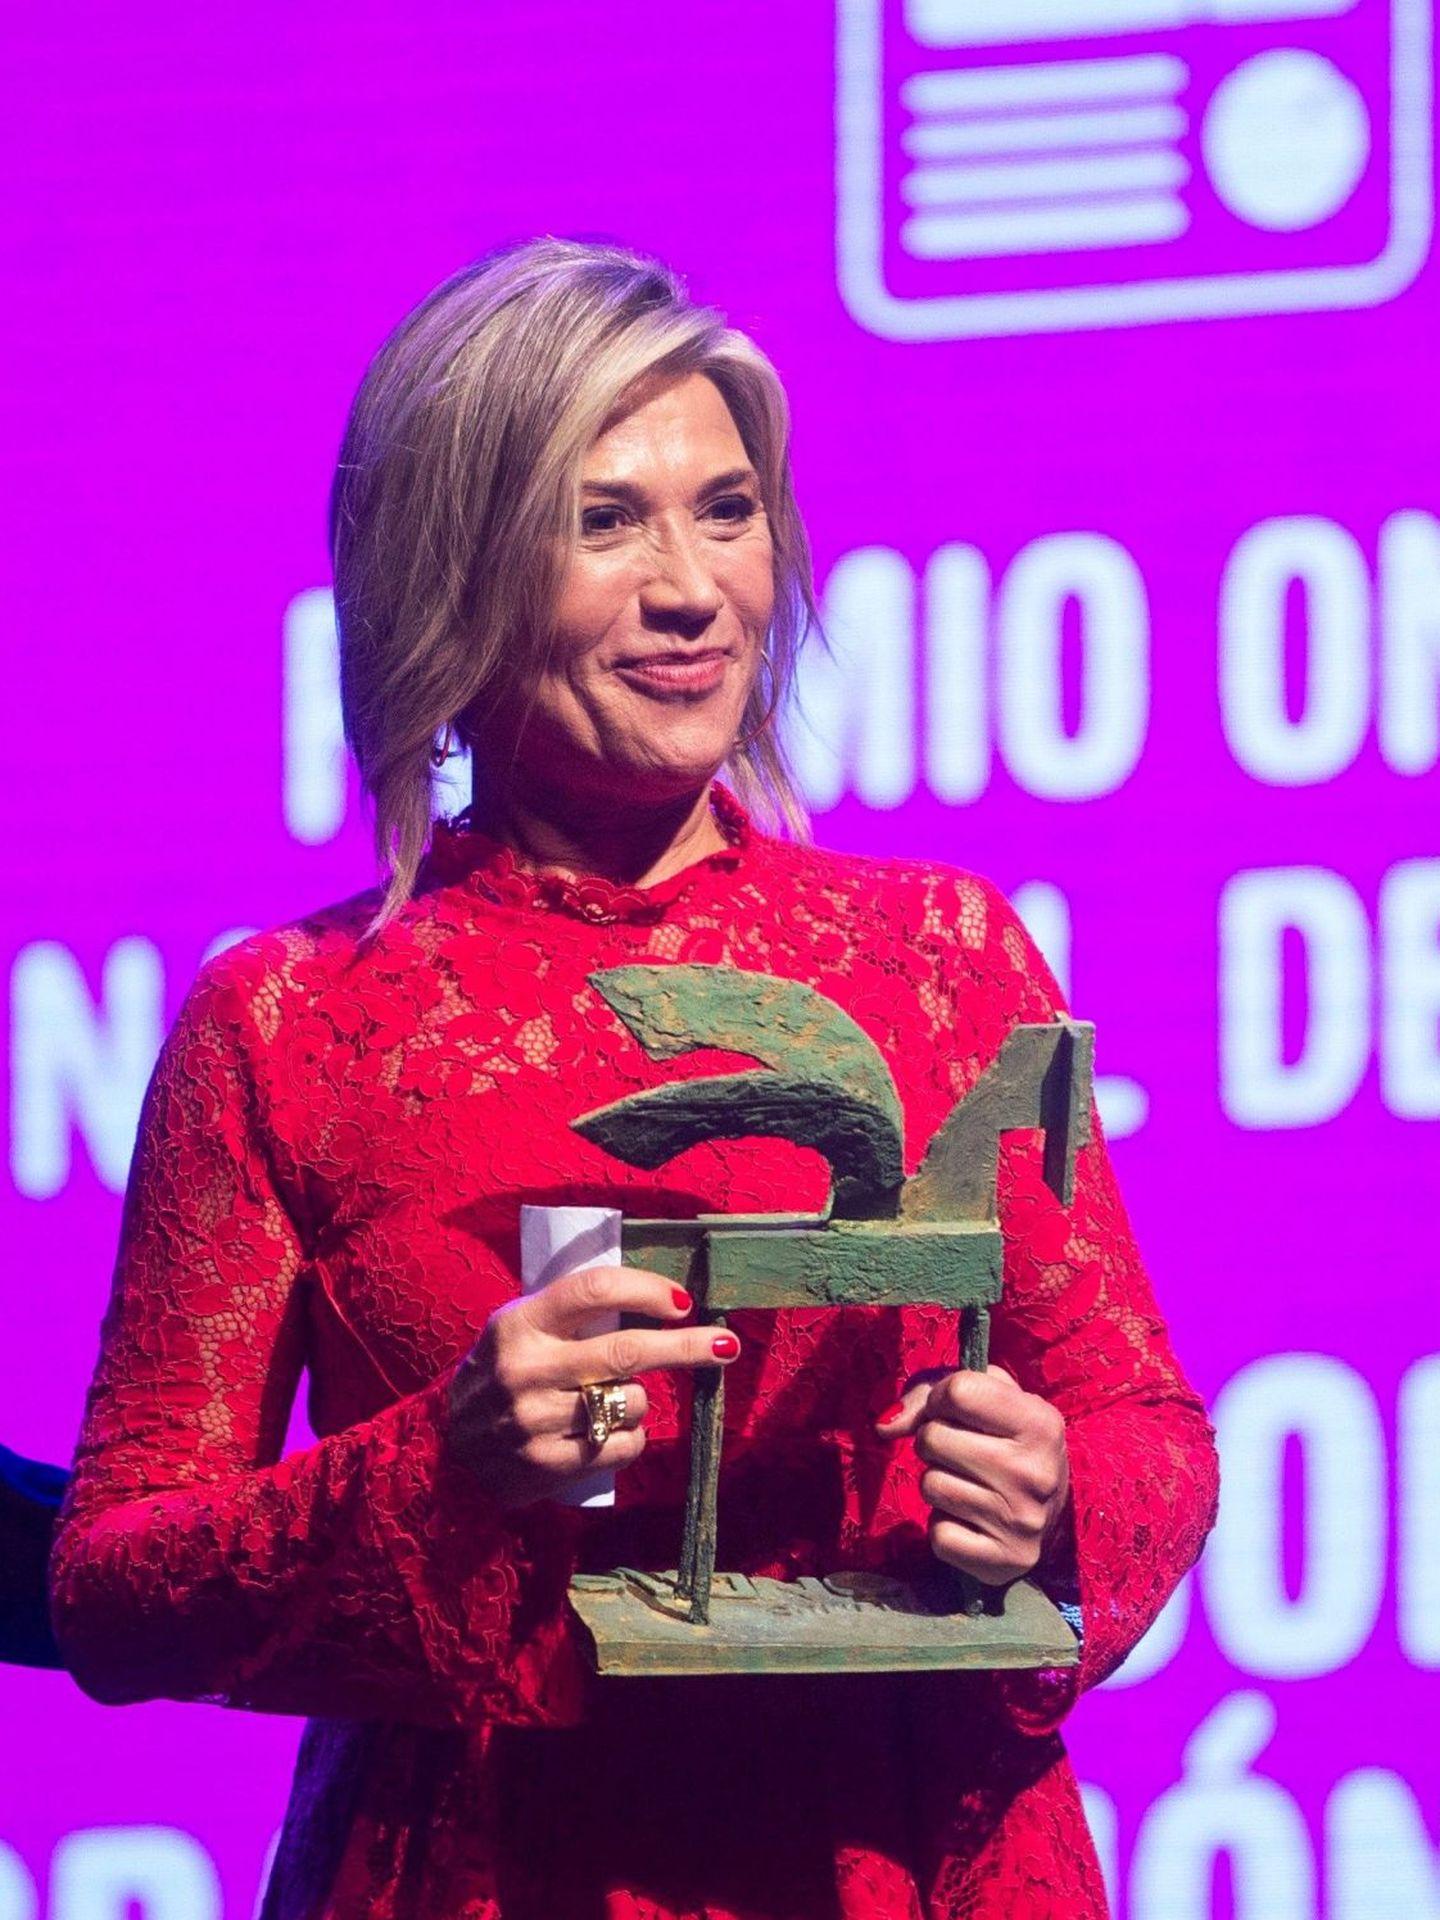 La periodista Julia Otero recibe un premio en Barcelona. (EFE)